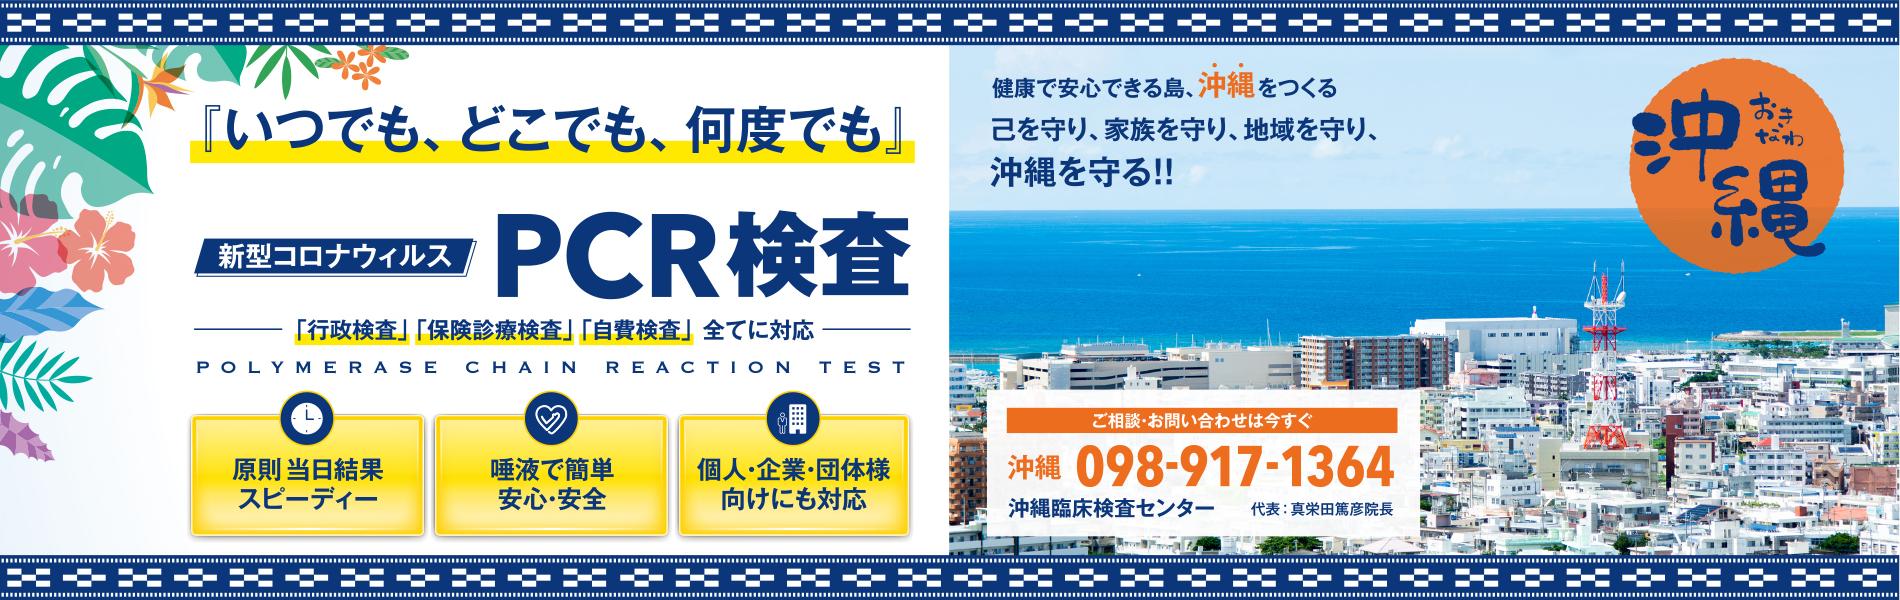 沖縄臨床検査センター